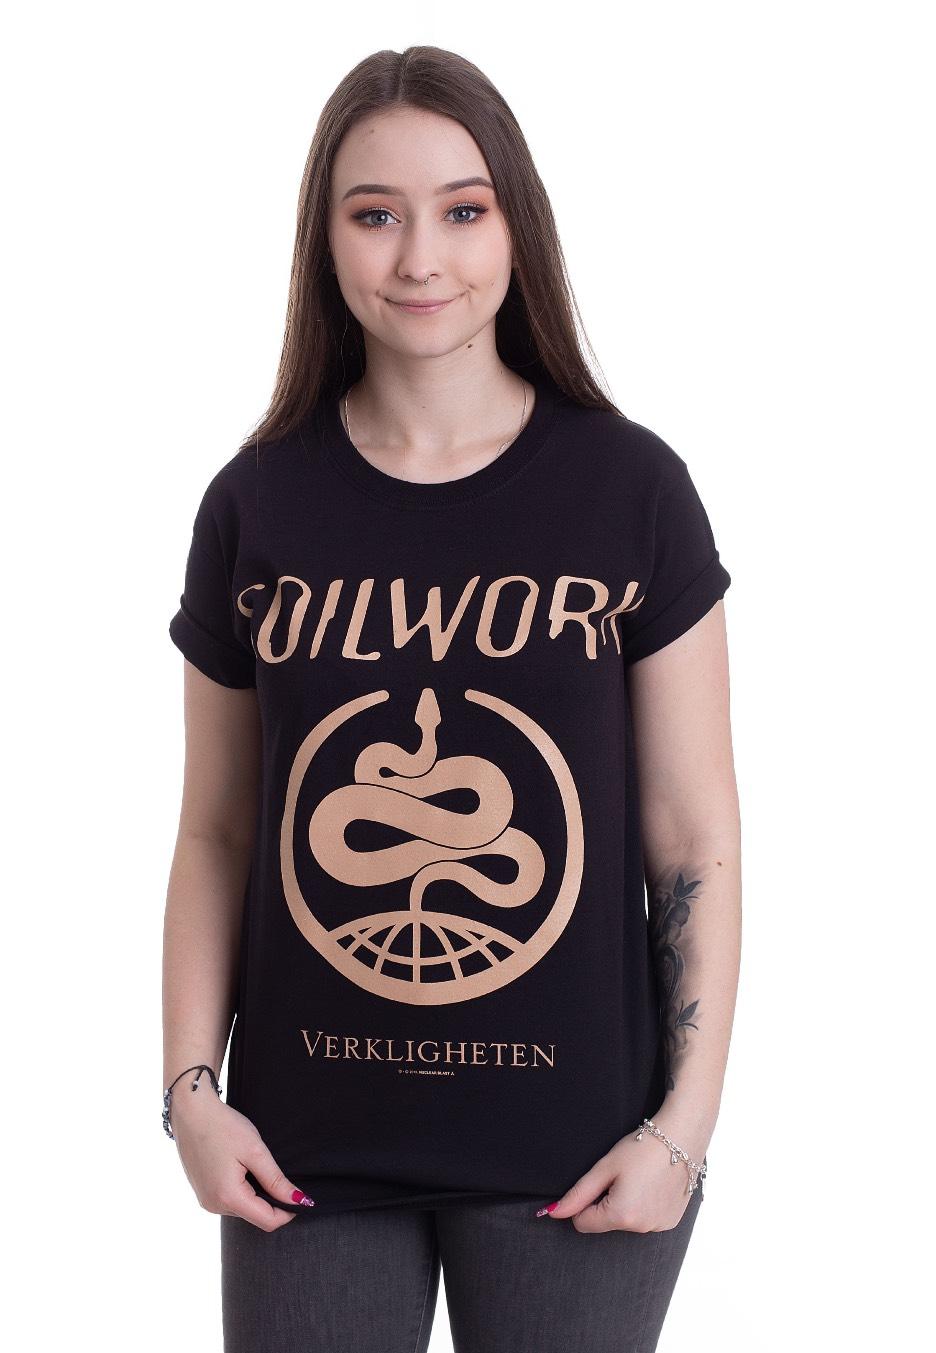 Soilwork Verkligheten Homme T-Shirt Manches Courtes Noir Regular//Coupe Standard